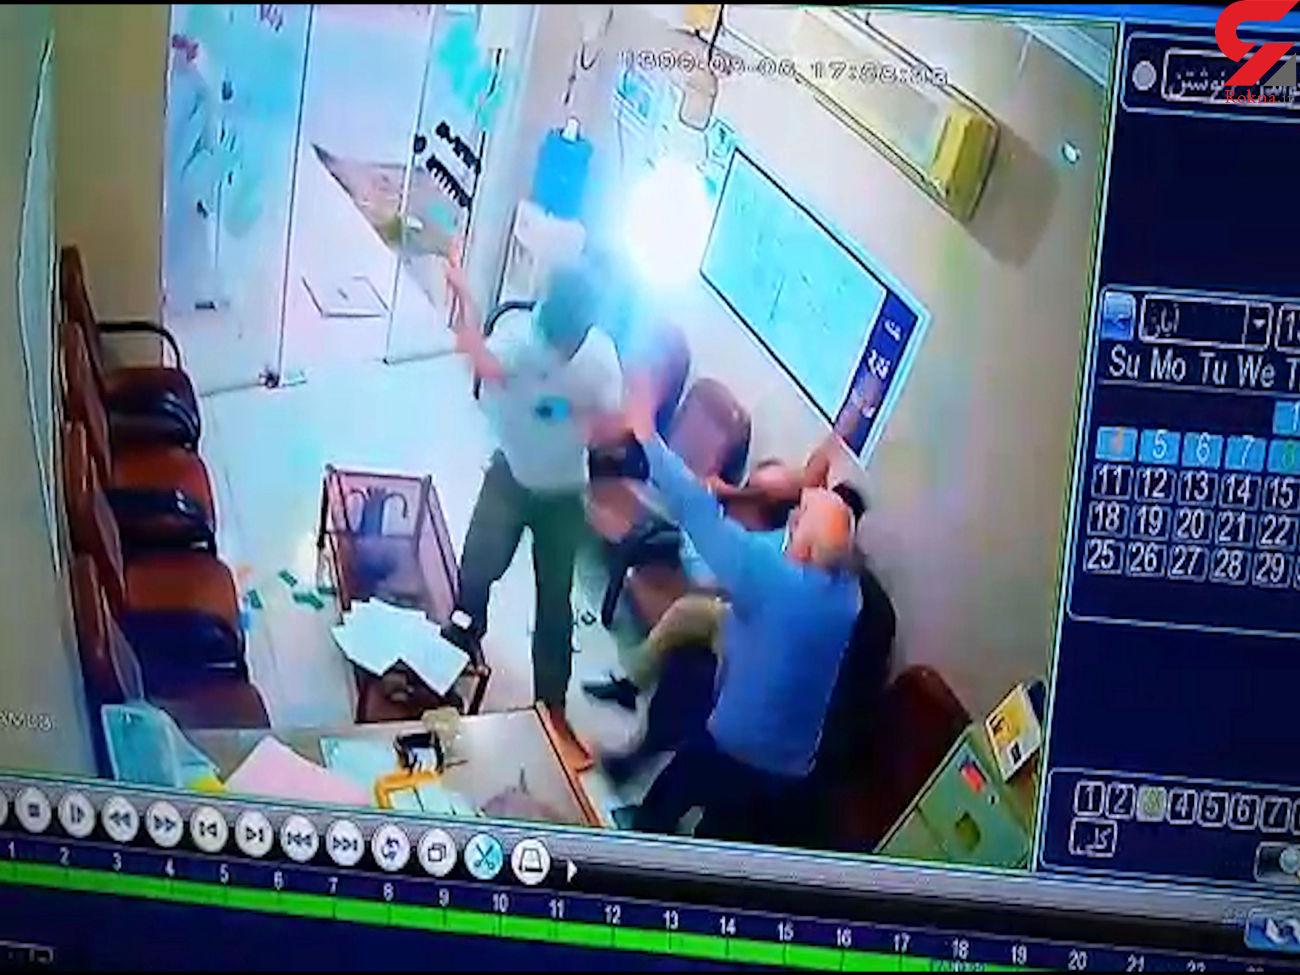 درگیری خونین خانواده عروس و داماد خرمشهری به خاطر جهیزیه +فیلم حمله با چاقو و قمه